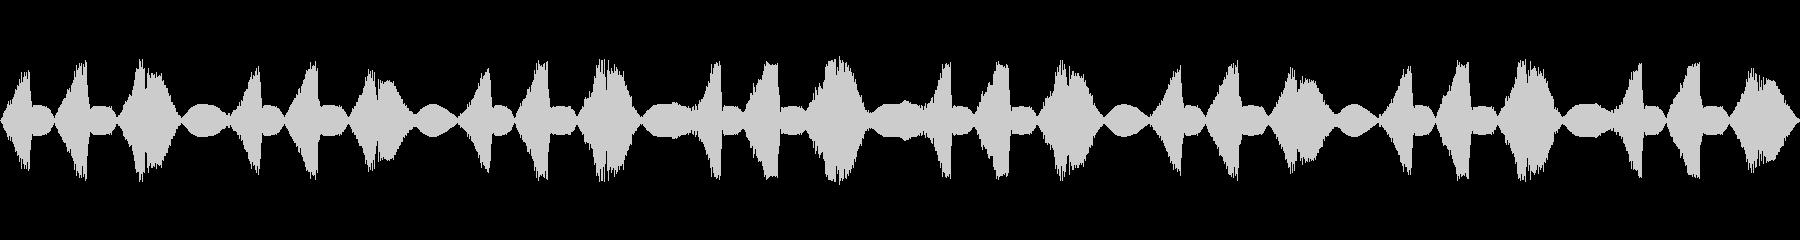 不安を感じさせる奇妙な機械音の未再生の波形